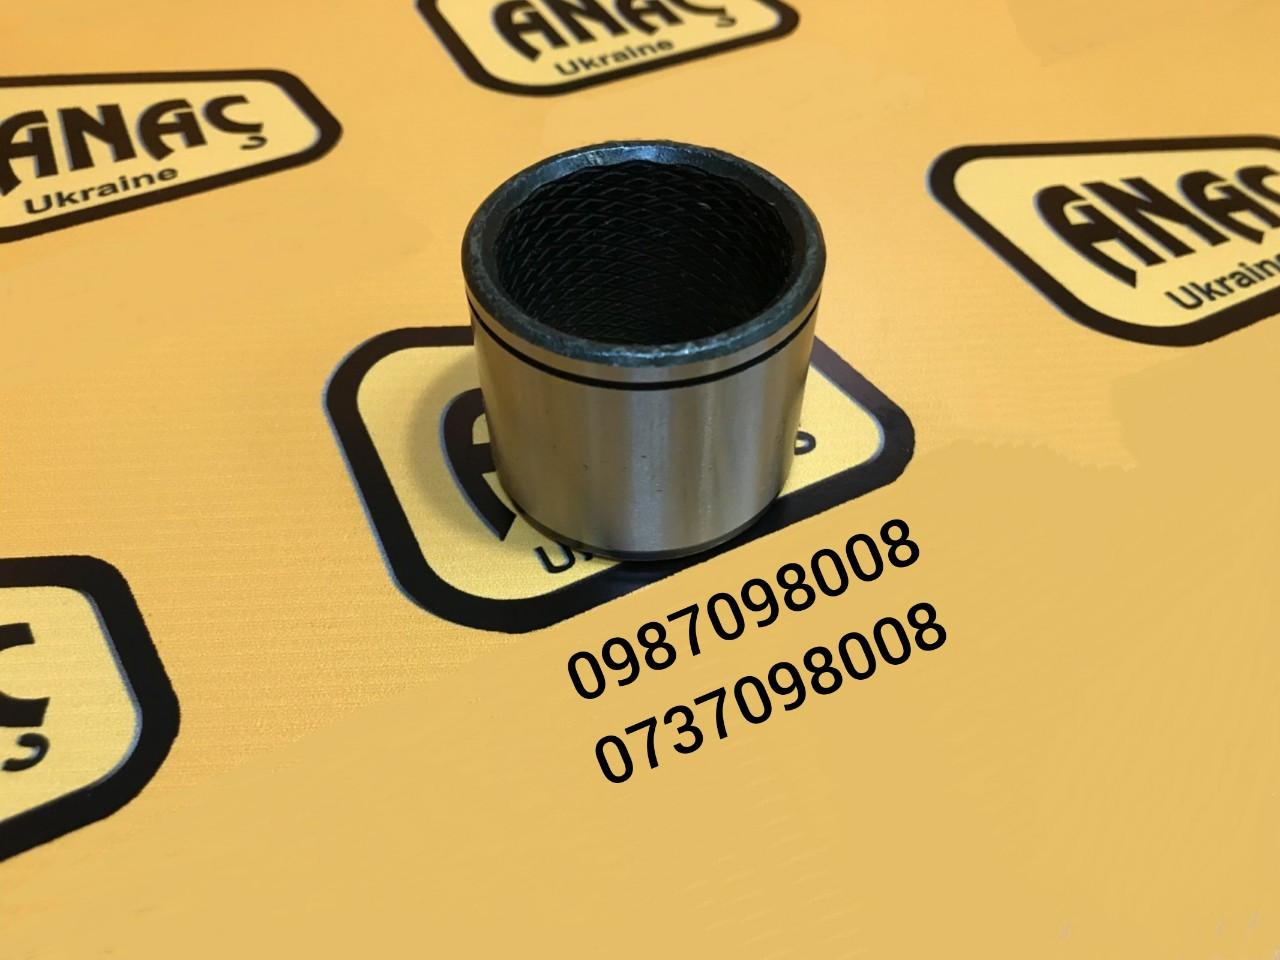 Втулка механизма навески на JCB 3CX, 4CX номер : 809/00176, 809/00129